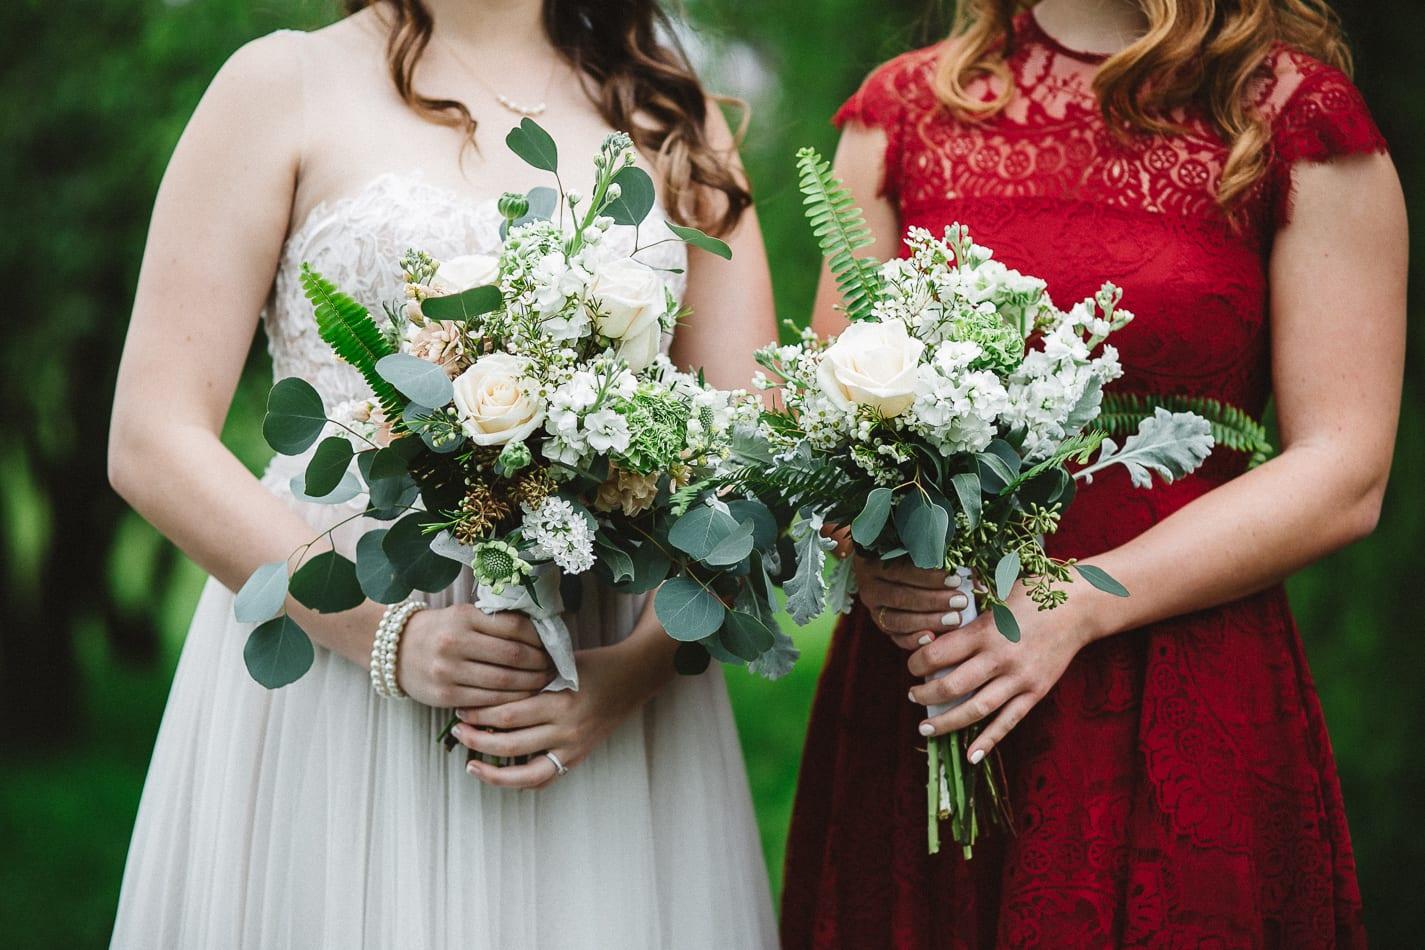 gover-ranch-redding-california-wedding-photographer-86